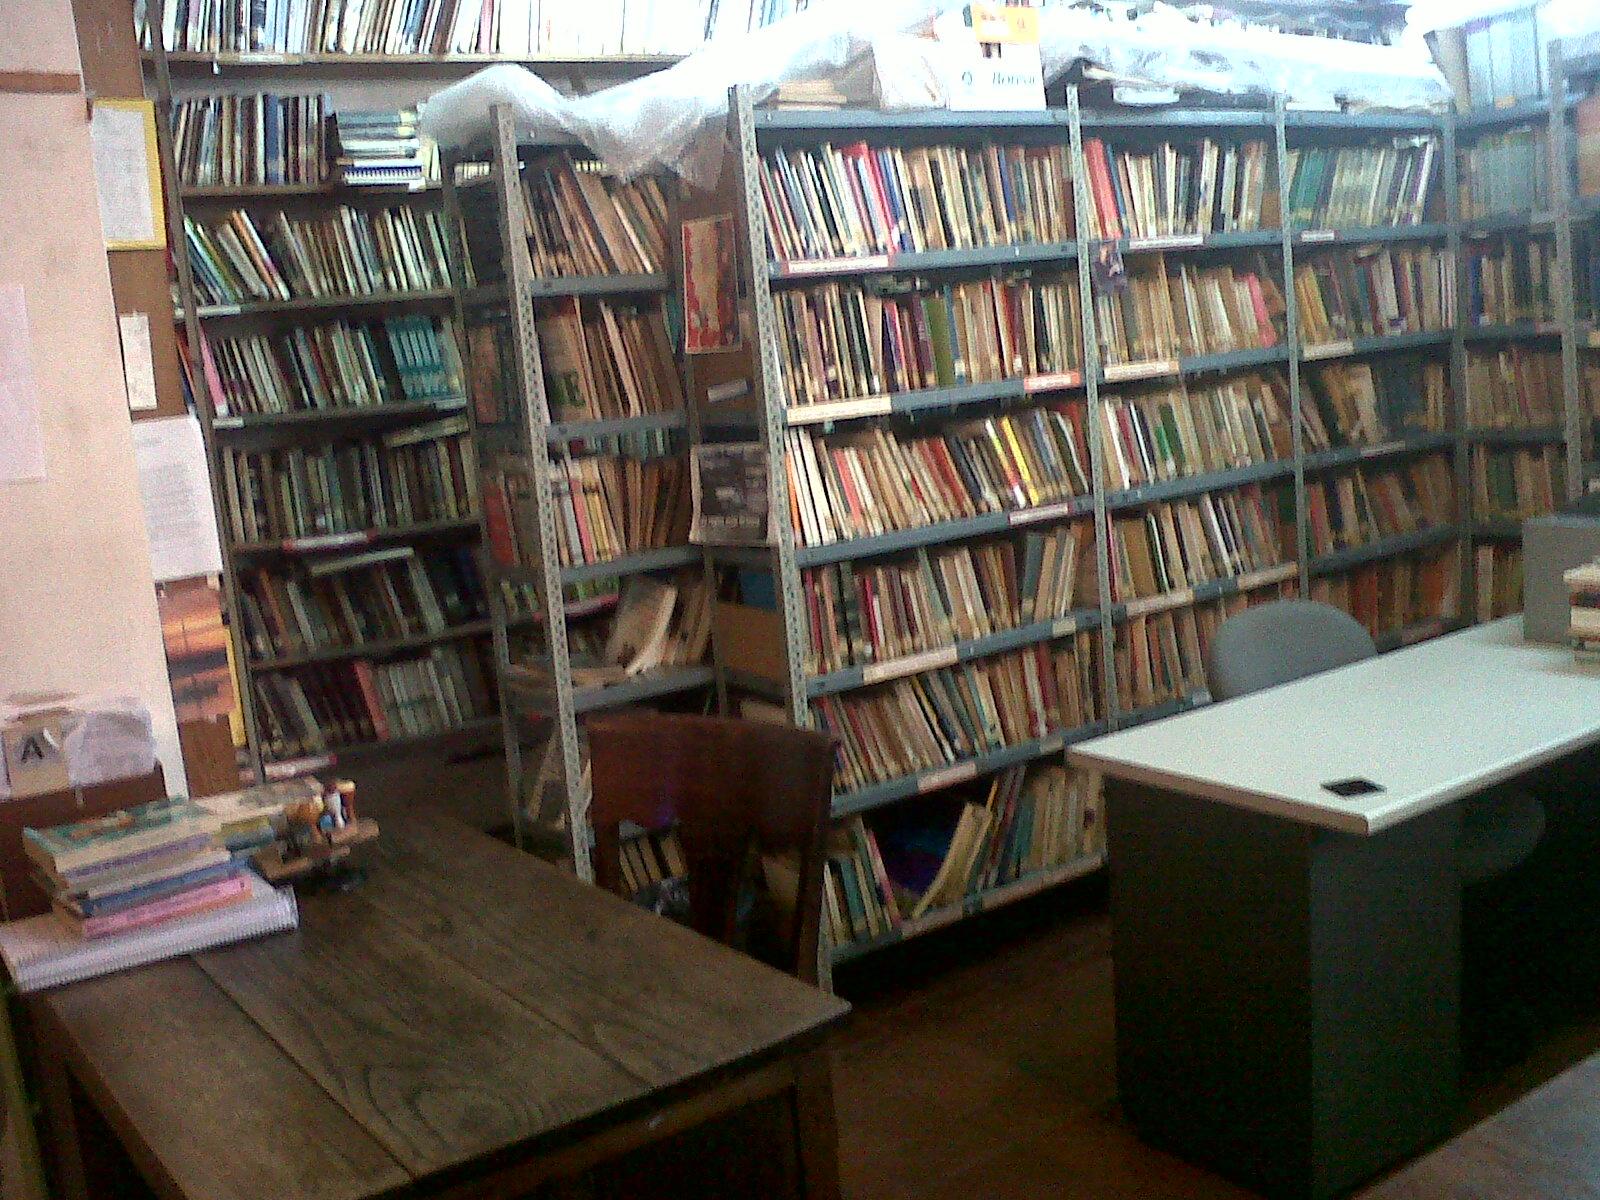 15 octubre, 2015 Biblioteca ciielomas